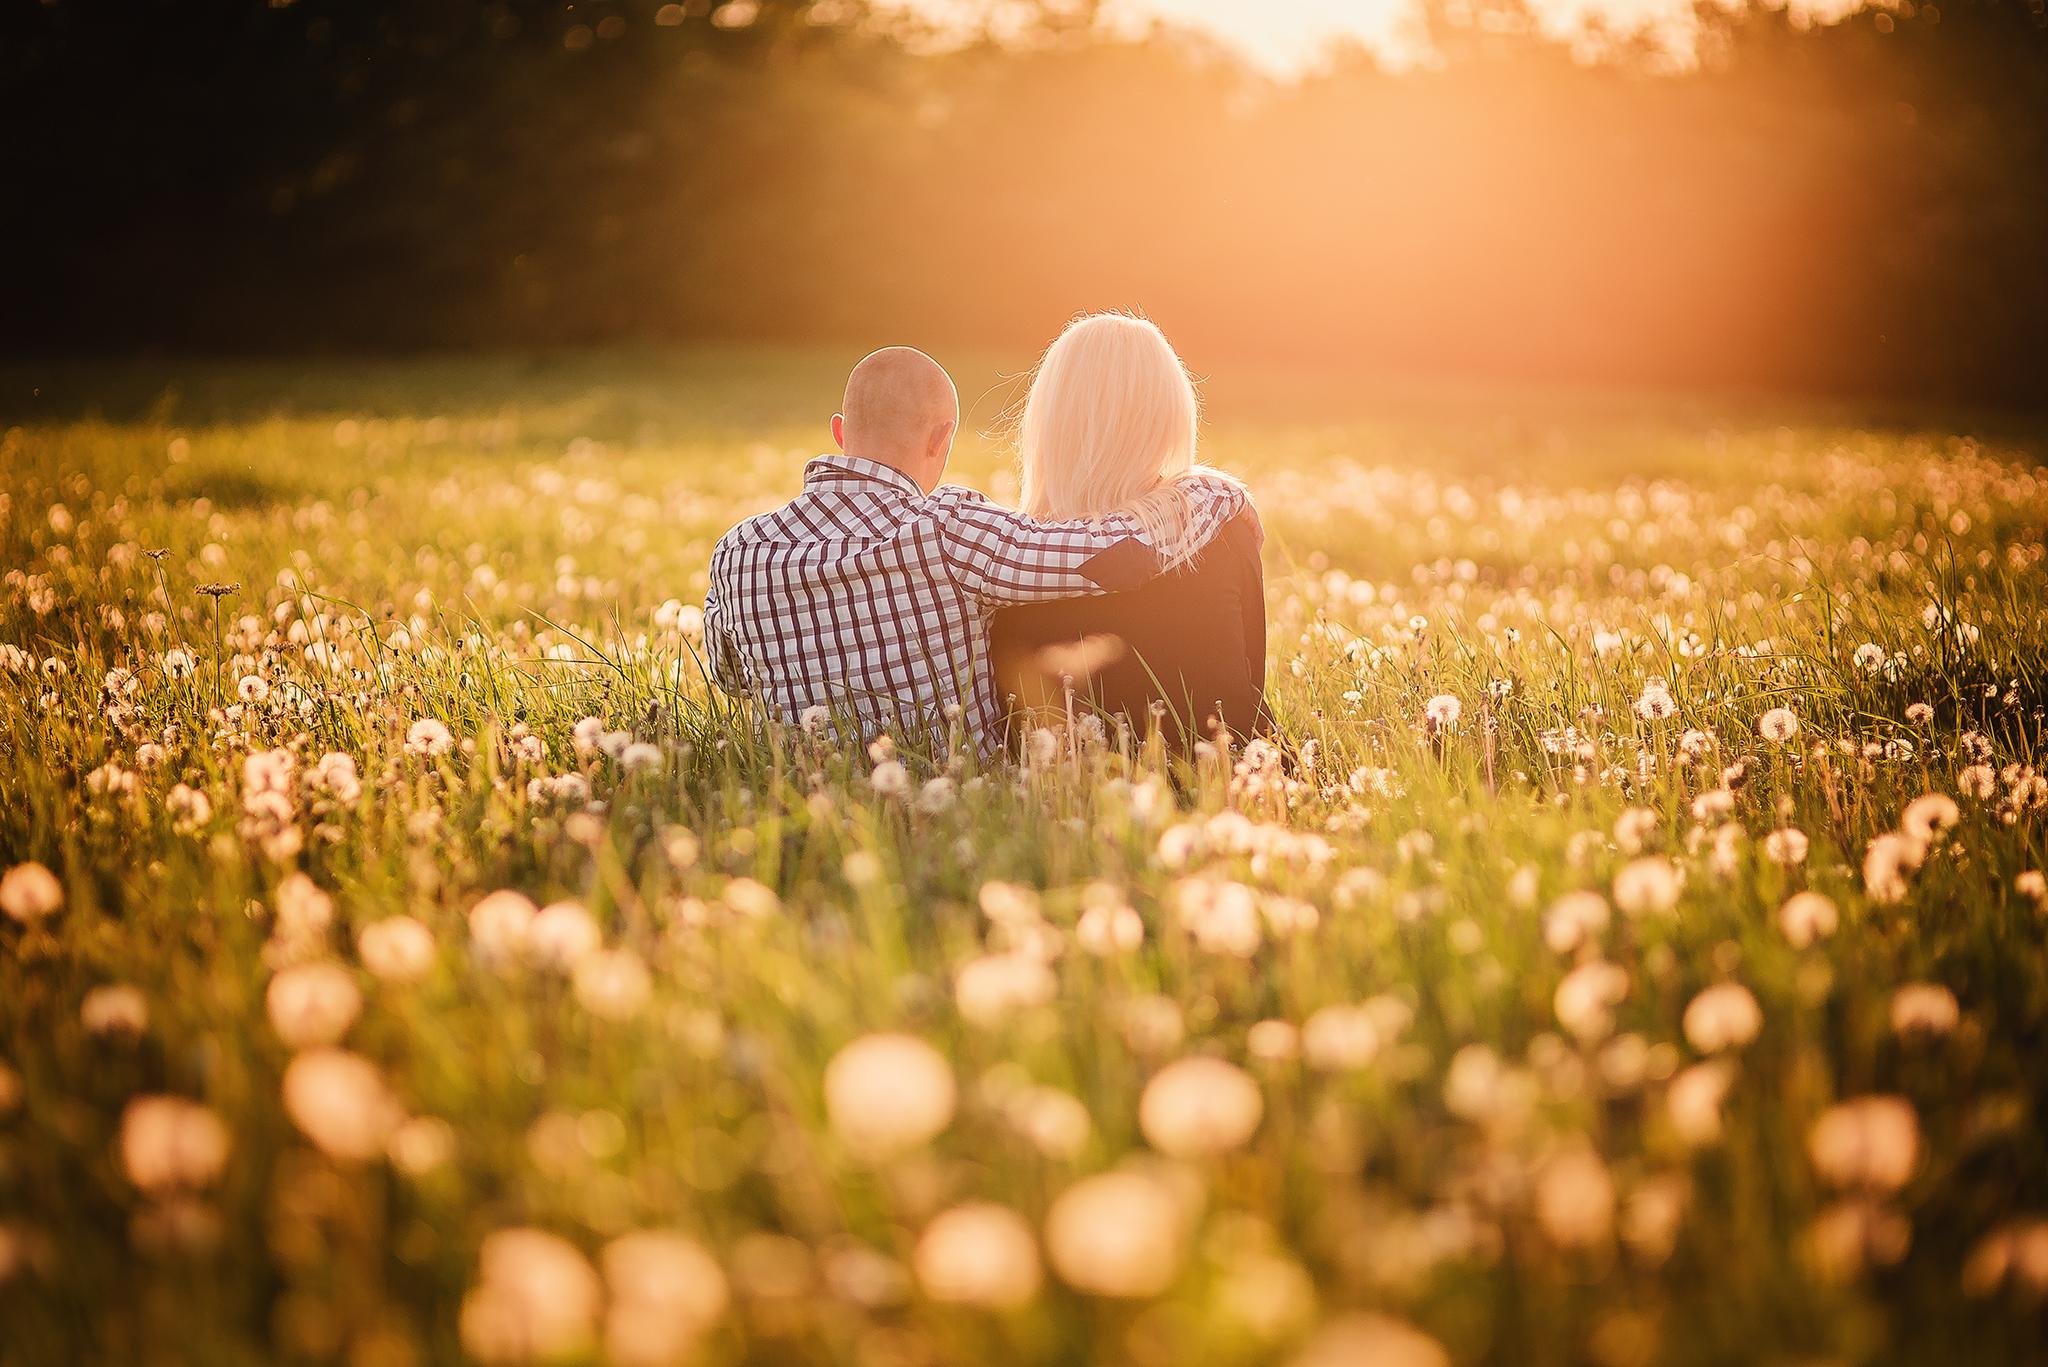 láska, príroda, love, lúka, púpavy, západ slnka, sunset, romantika, radosť, zamilovaný pár, jar, spring